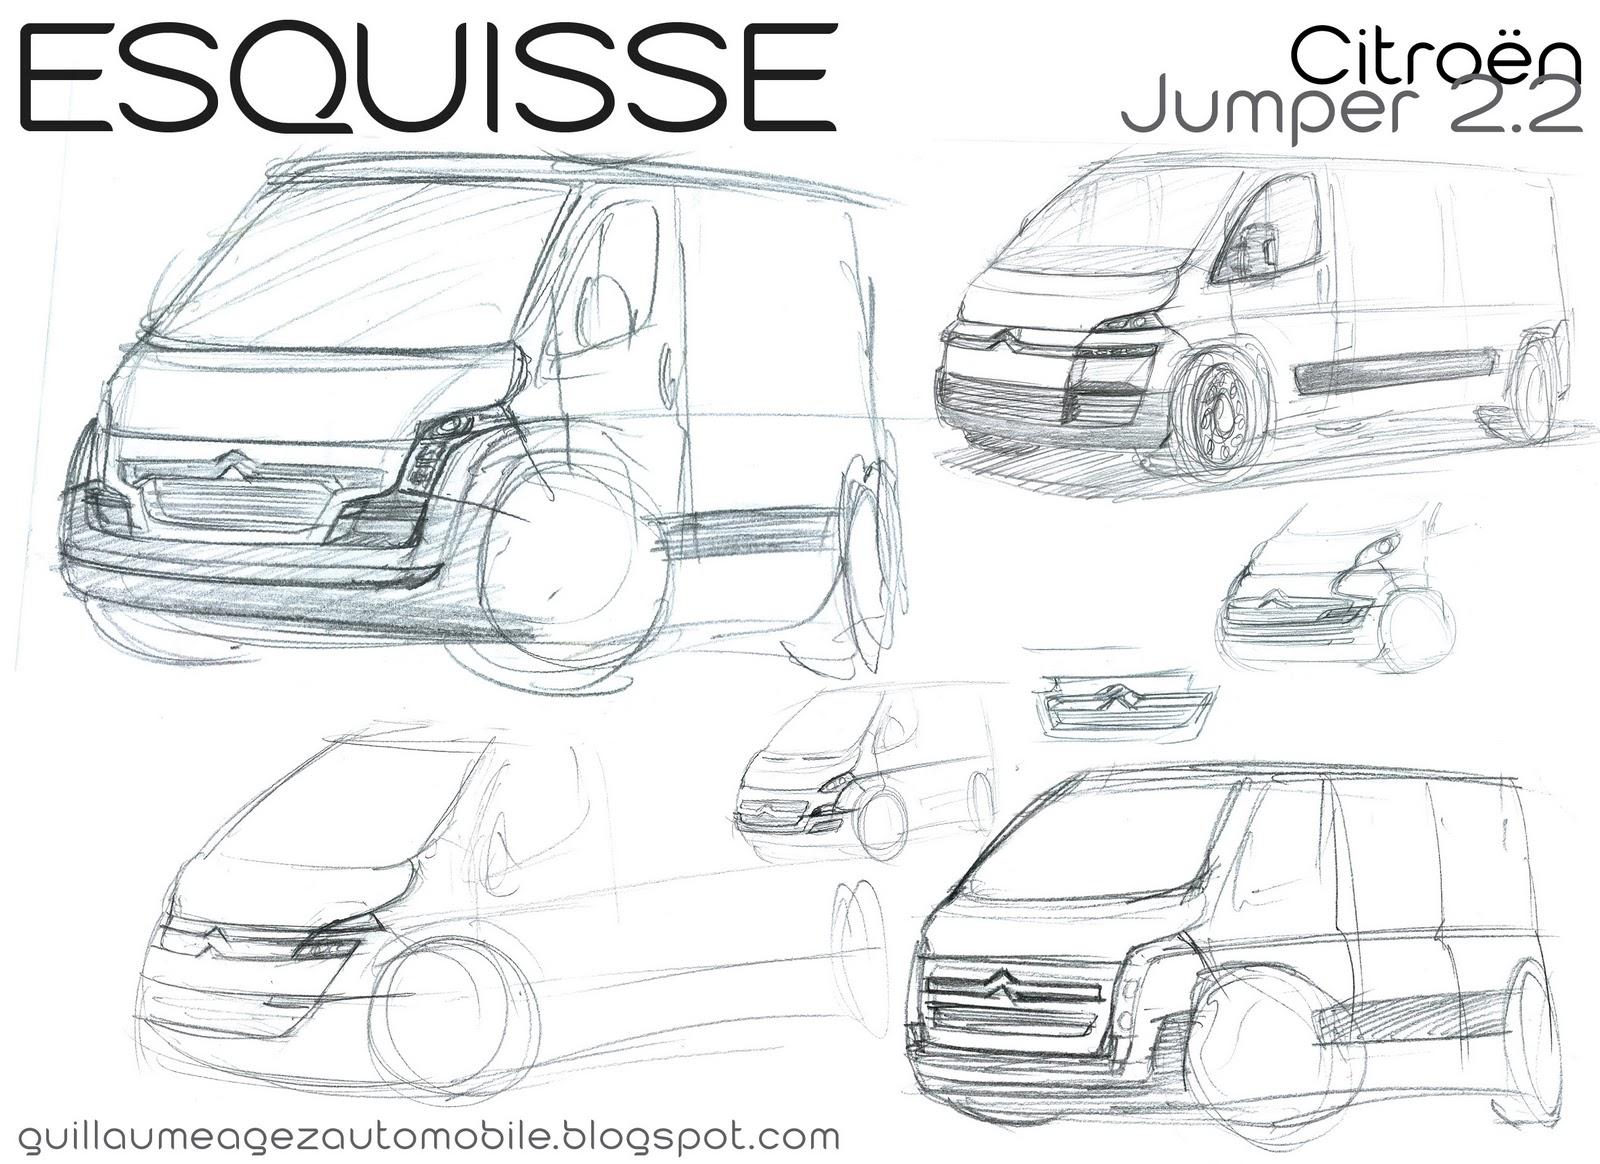 Guillaume AGEZ Automobile: Esquisse: Citroën Jumper 2